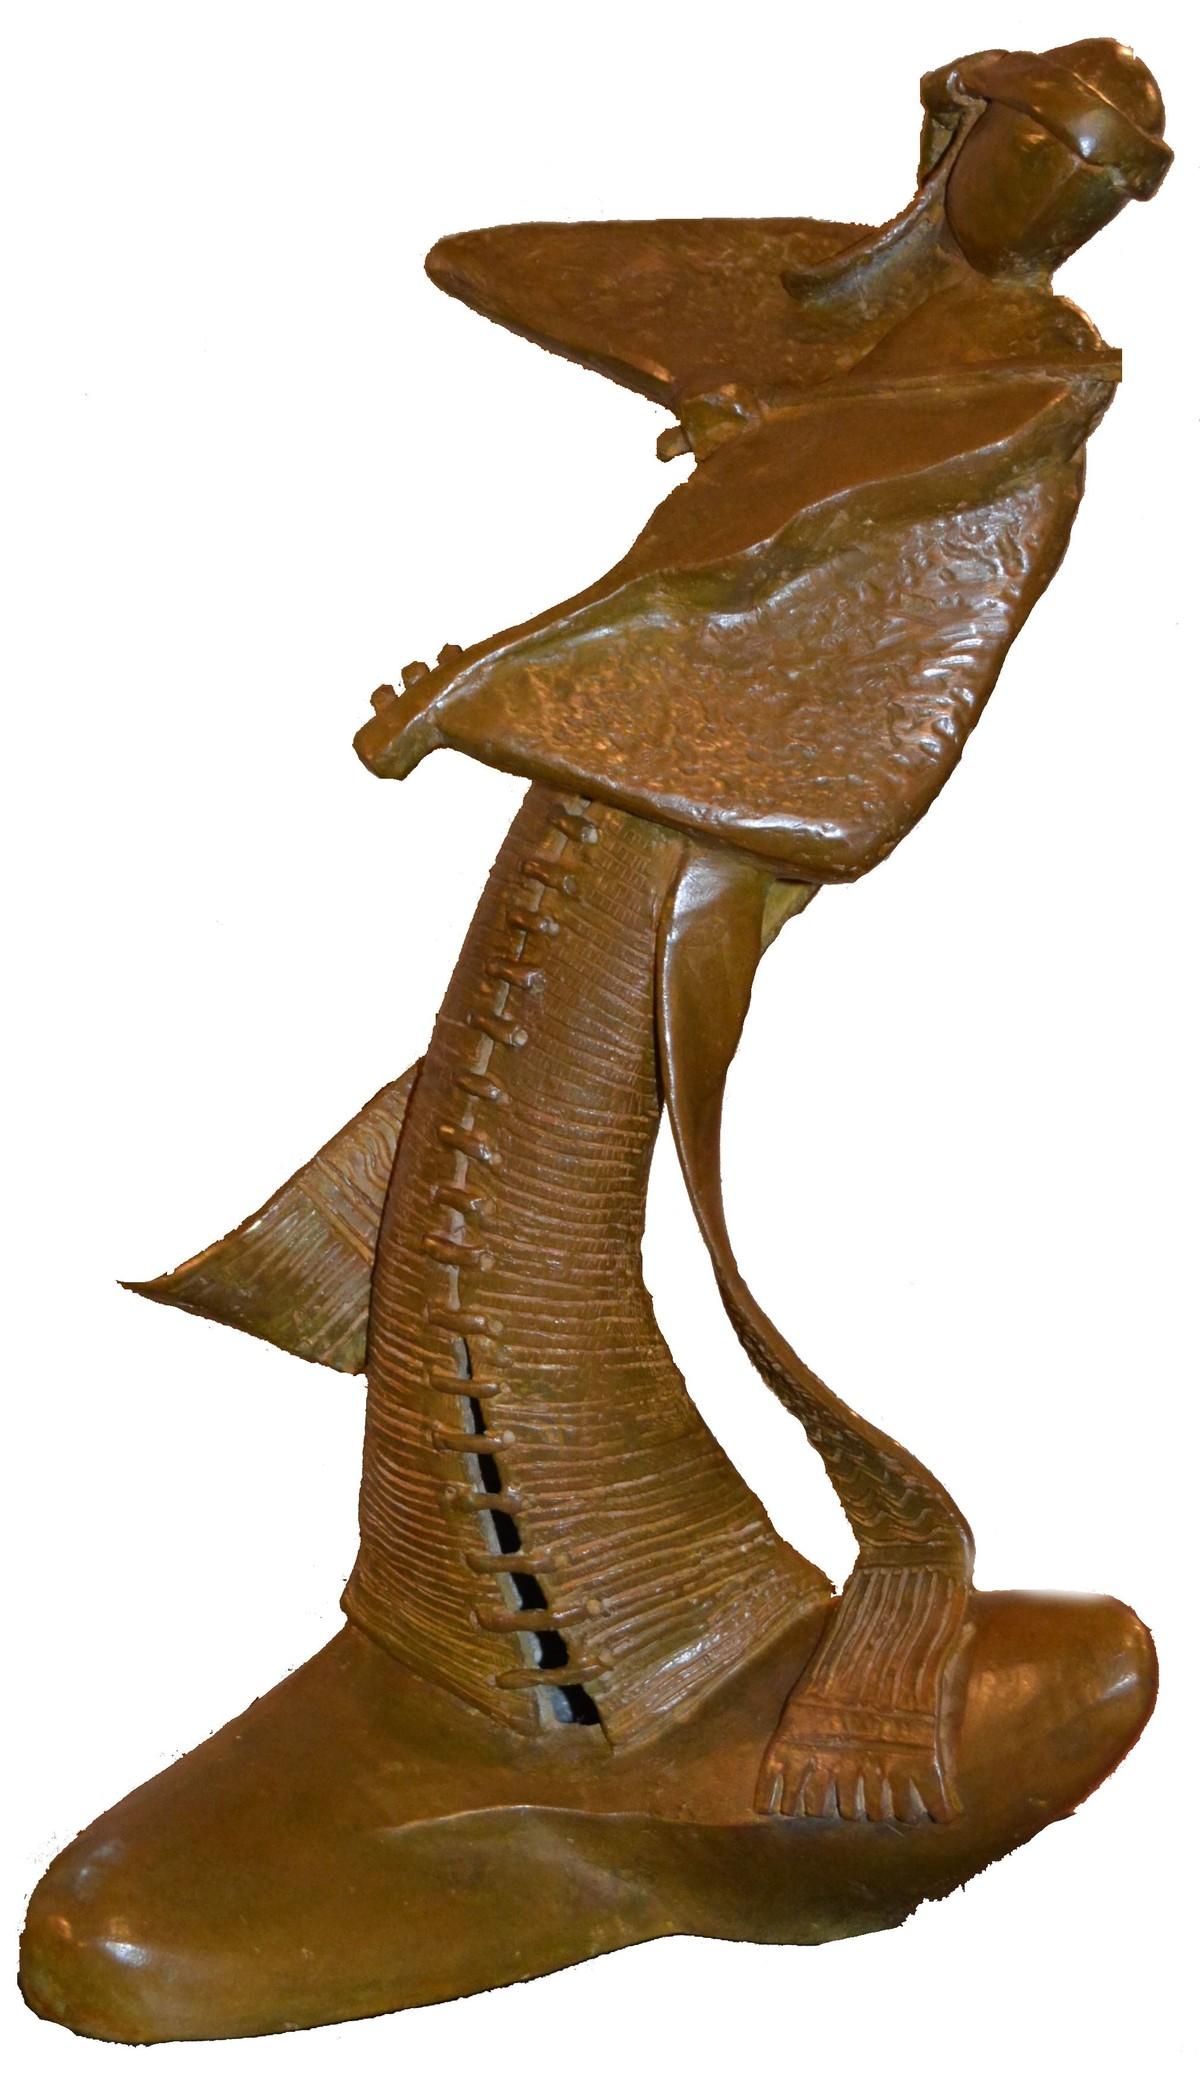 musician by Subrata Paul, Art Deco Sculpture | 3D, Bronze, White color